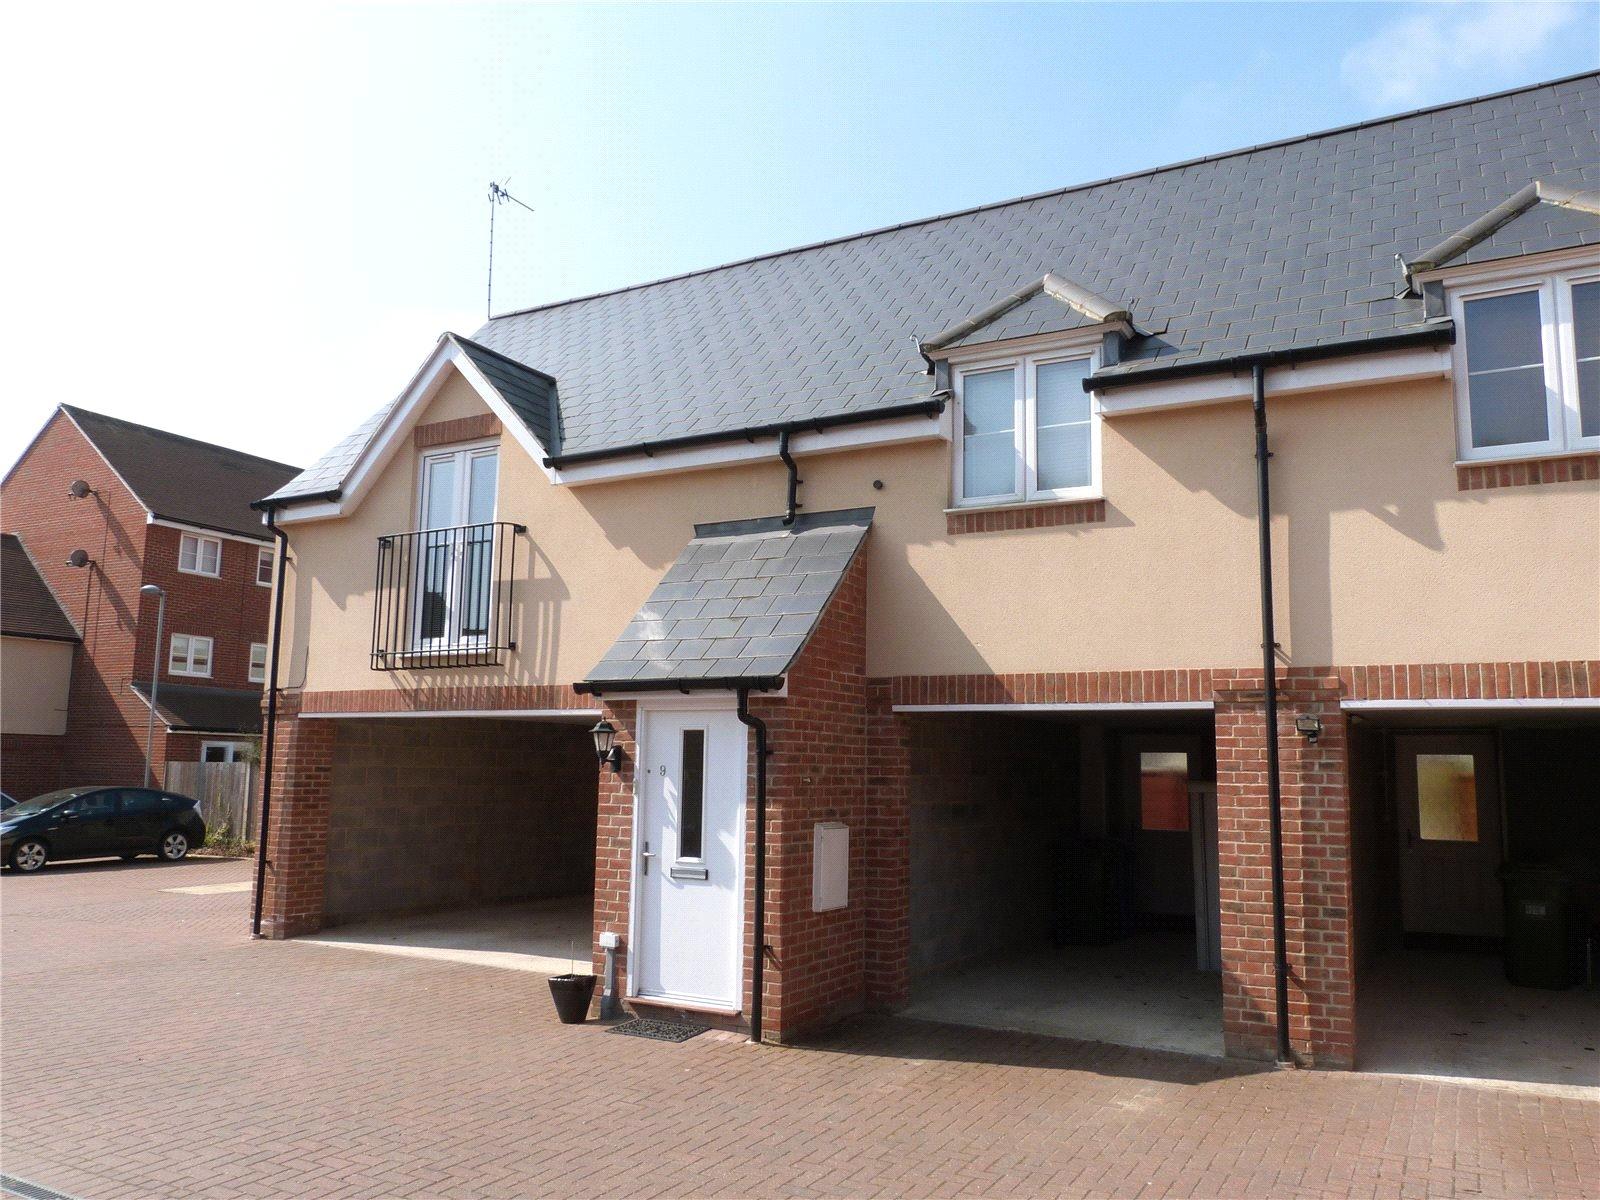 2 Bedrooms Maisonette Flat for sale in Blackcap Lane, Bracknell, Berkshire, RG12